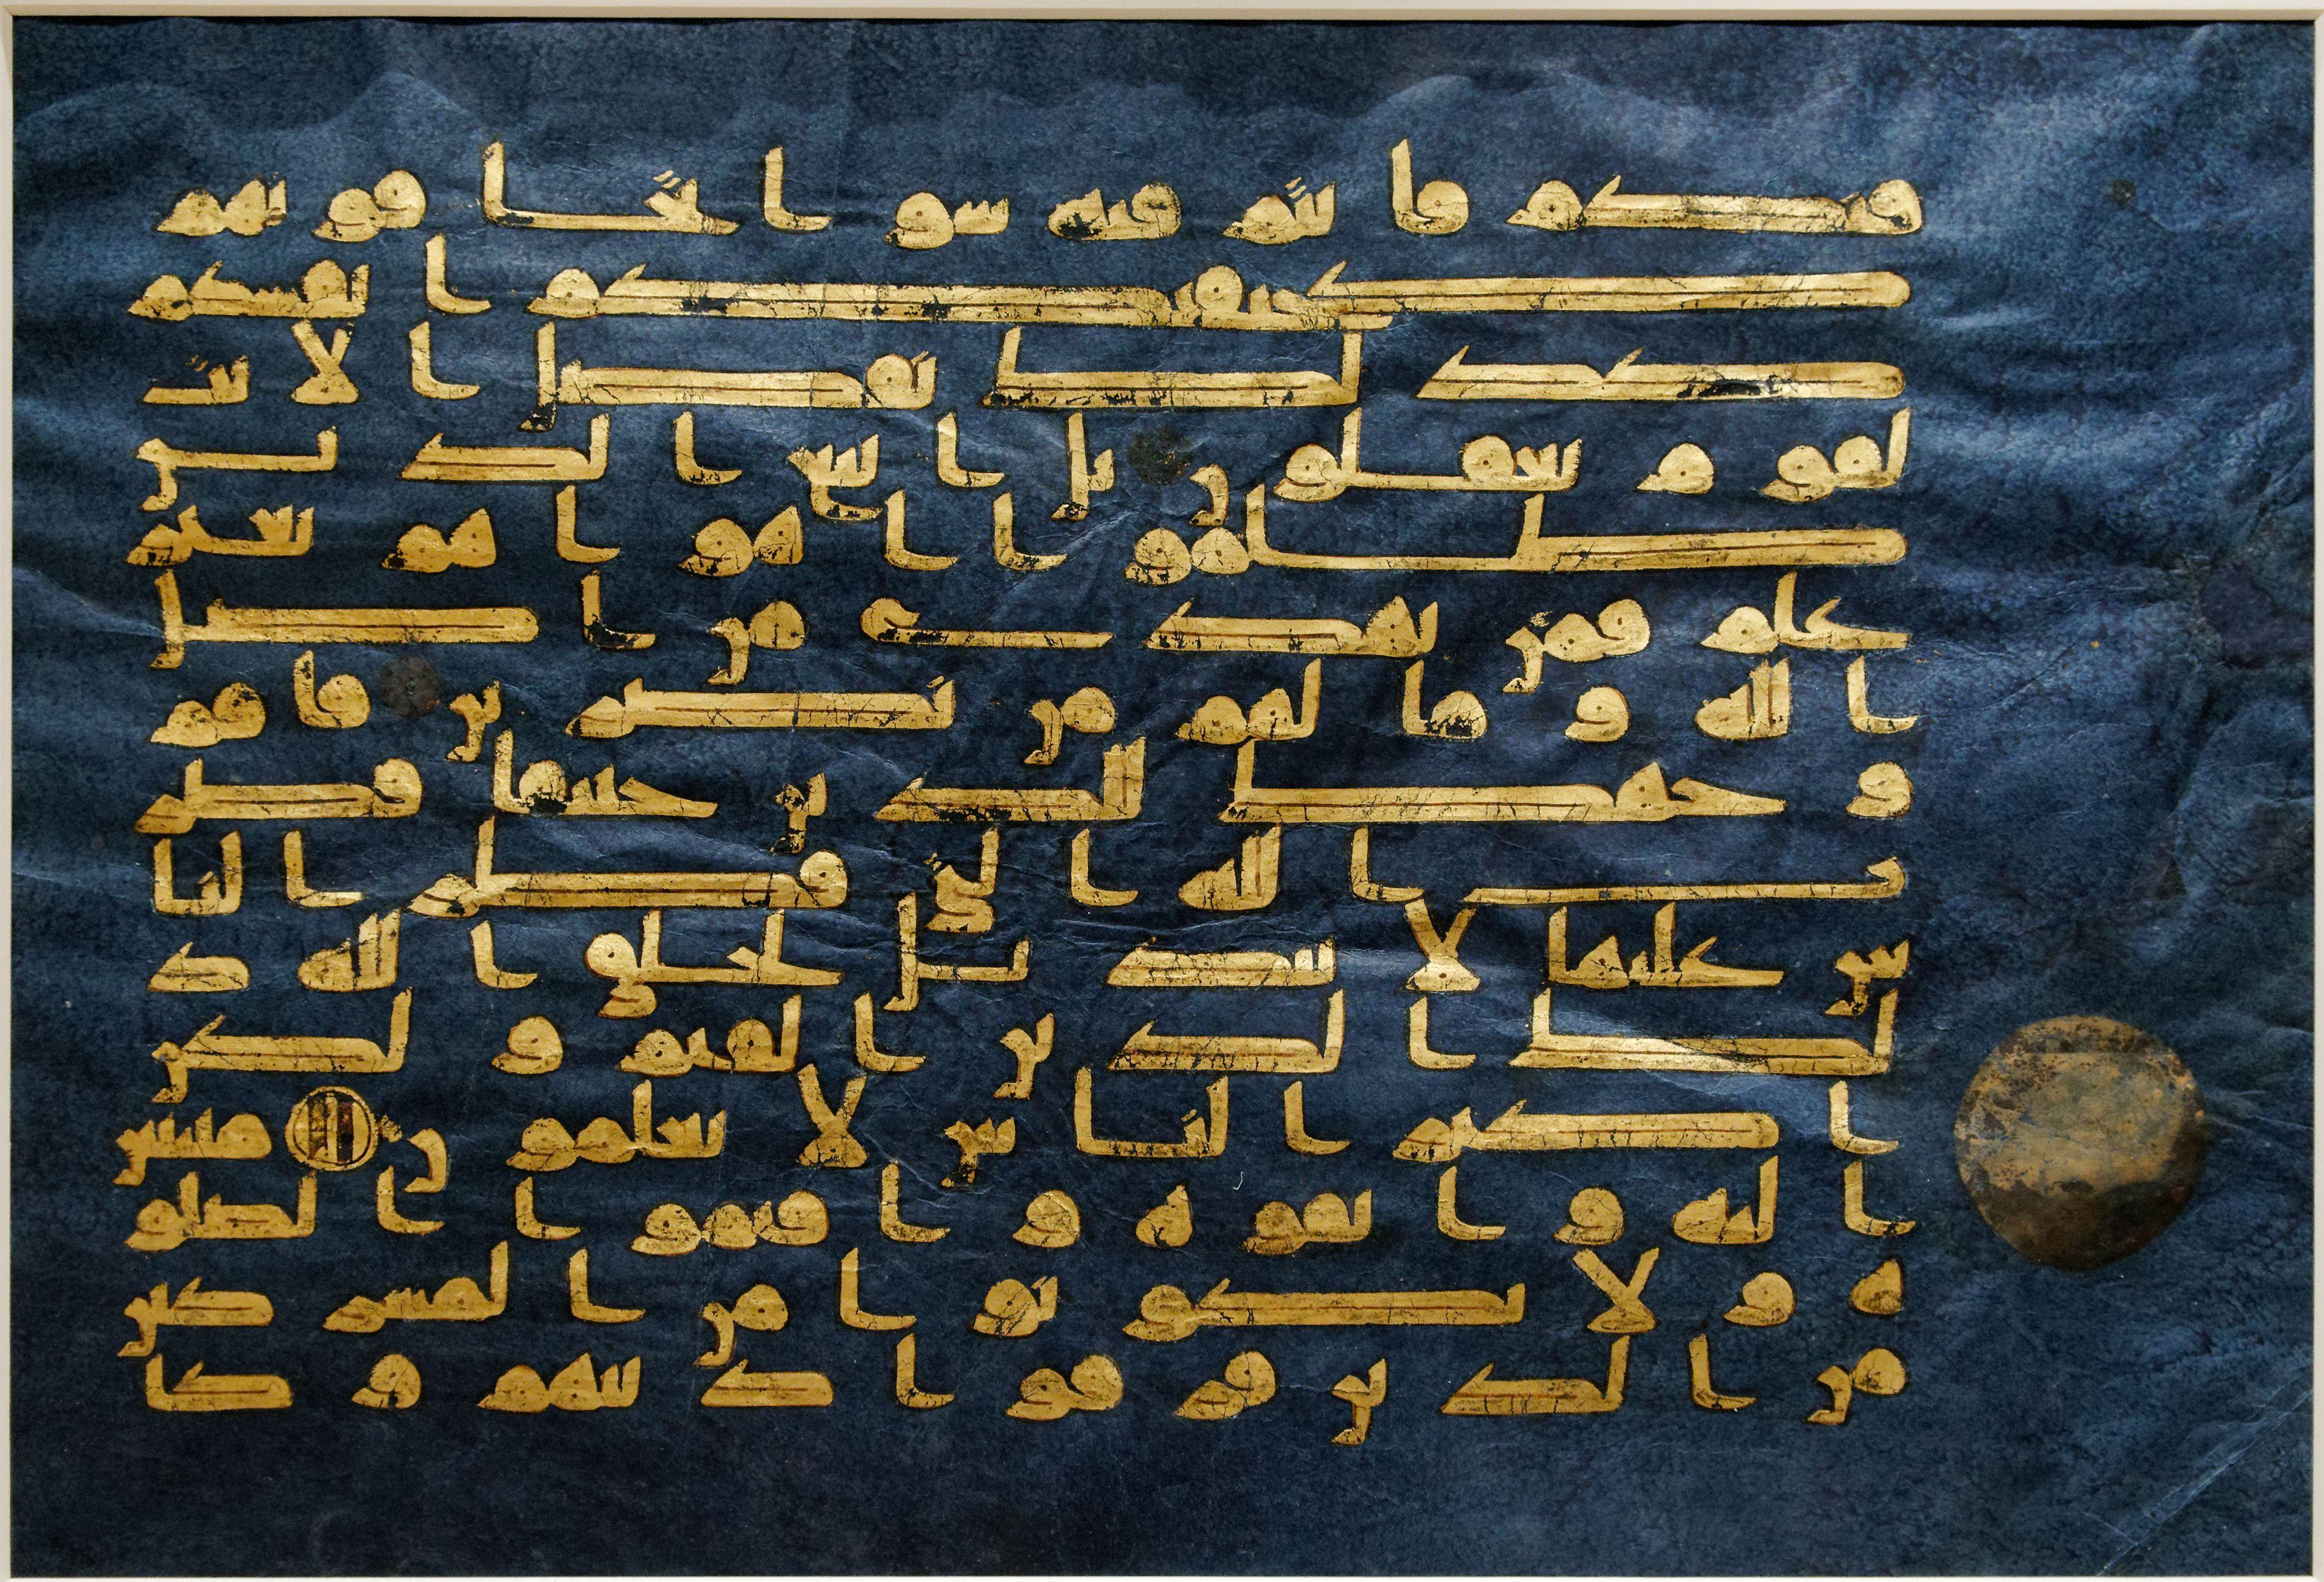 Página em escrita cúfica de um Corão abássida, provavelmente da Tunísia, séc. IX. Tinta-da-china, tinta colorida, ouro e prata sobre velino tingido de azul.